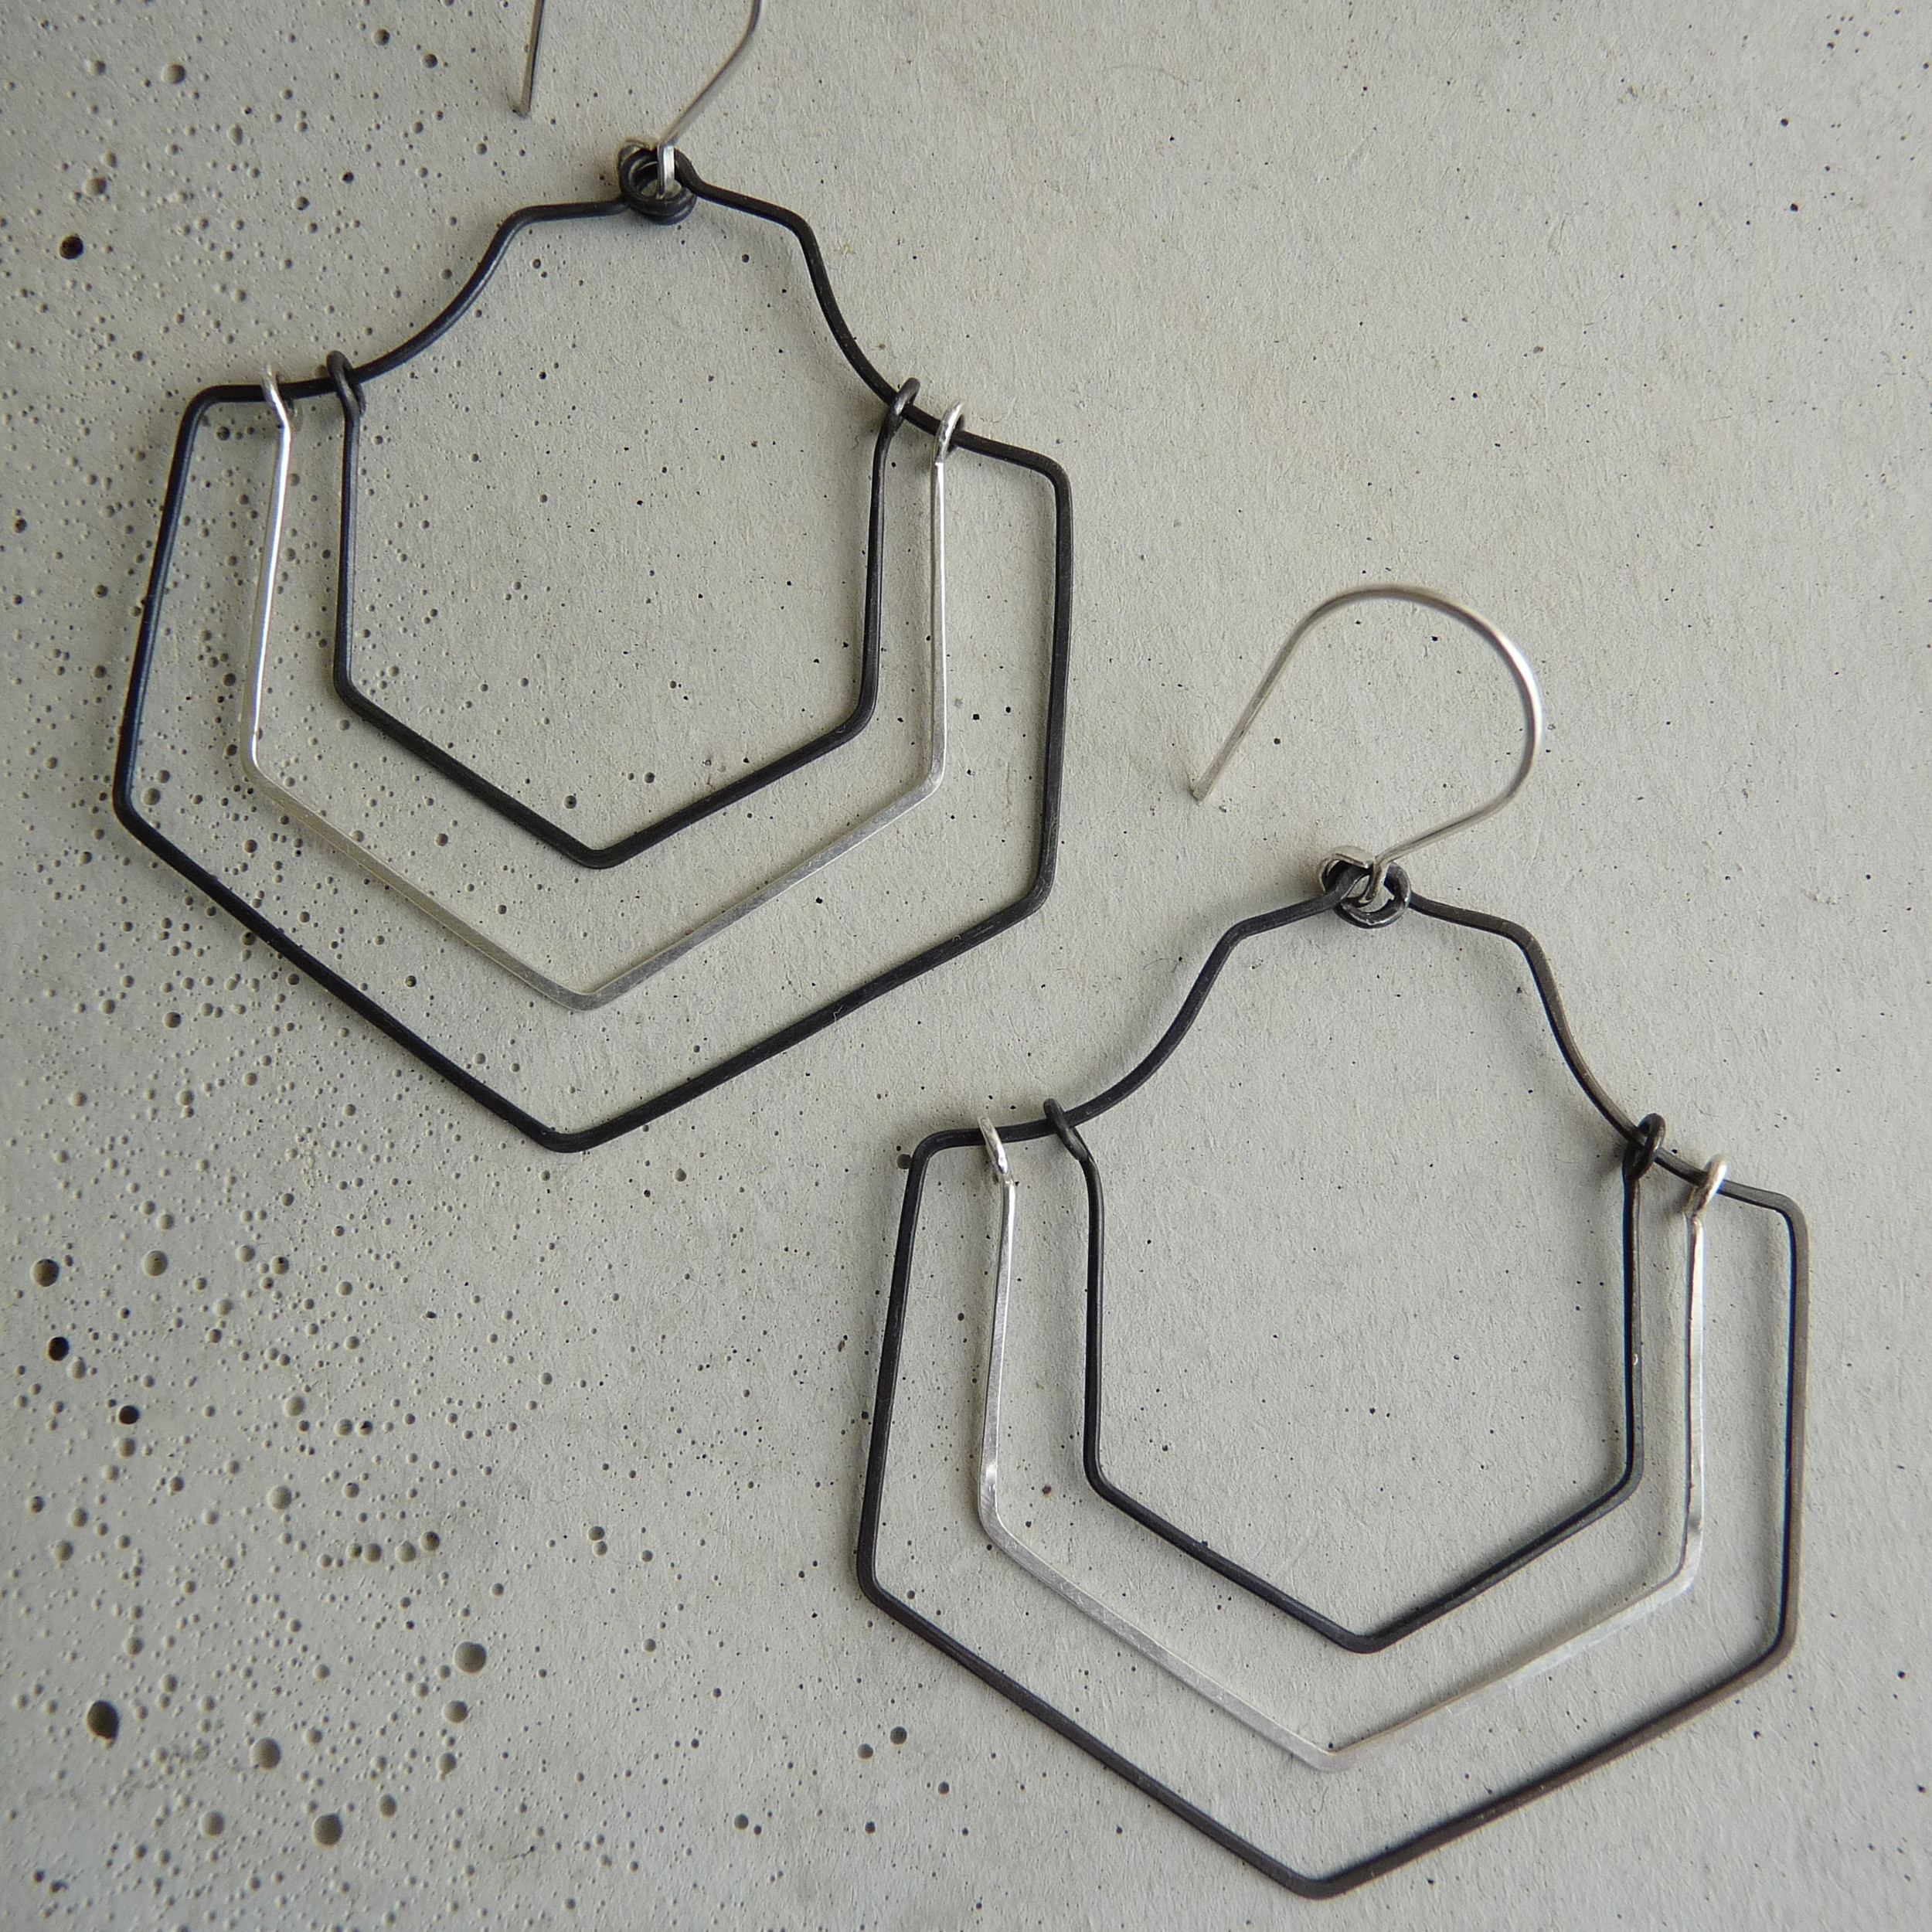 CREVASSE earrings, geometric long earrings, mixed metal earrings, hammered earrings, oxidized silver earrings, new refined basics